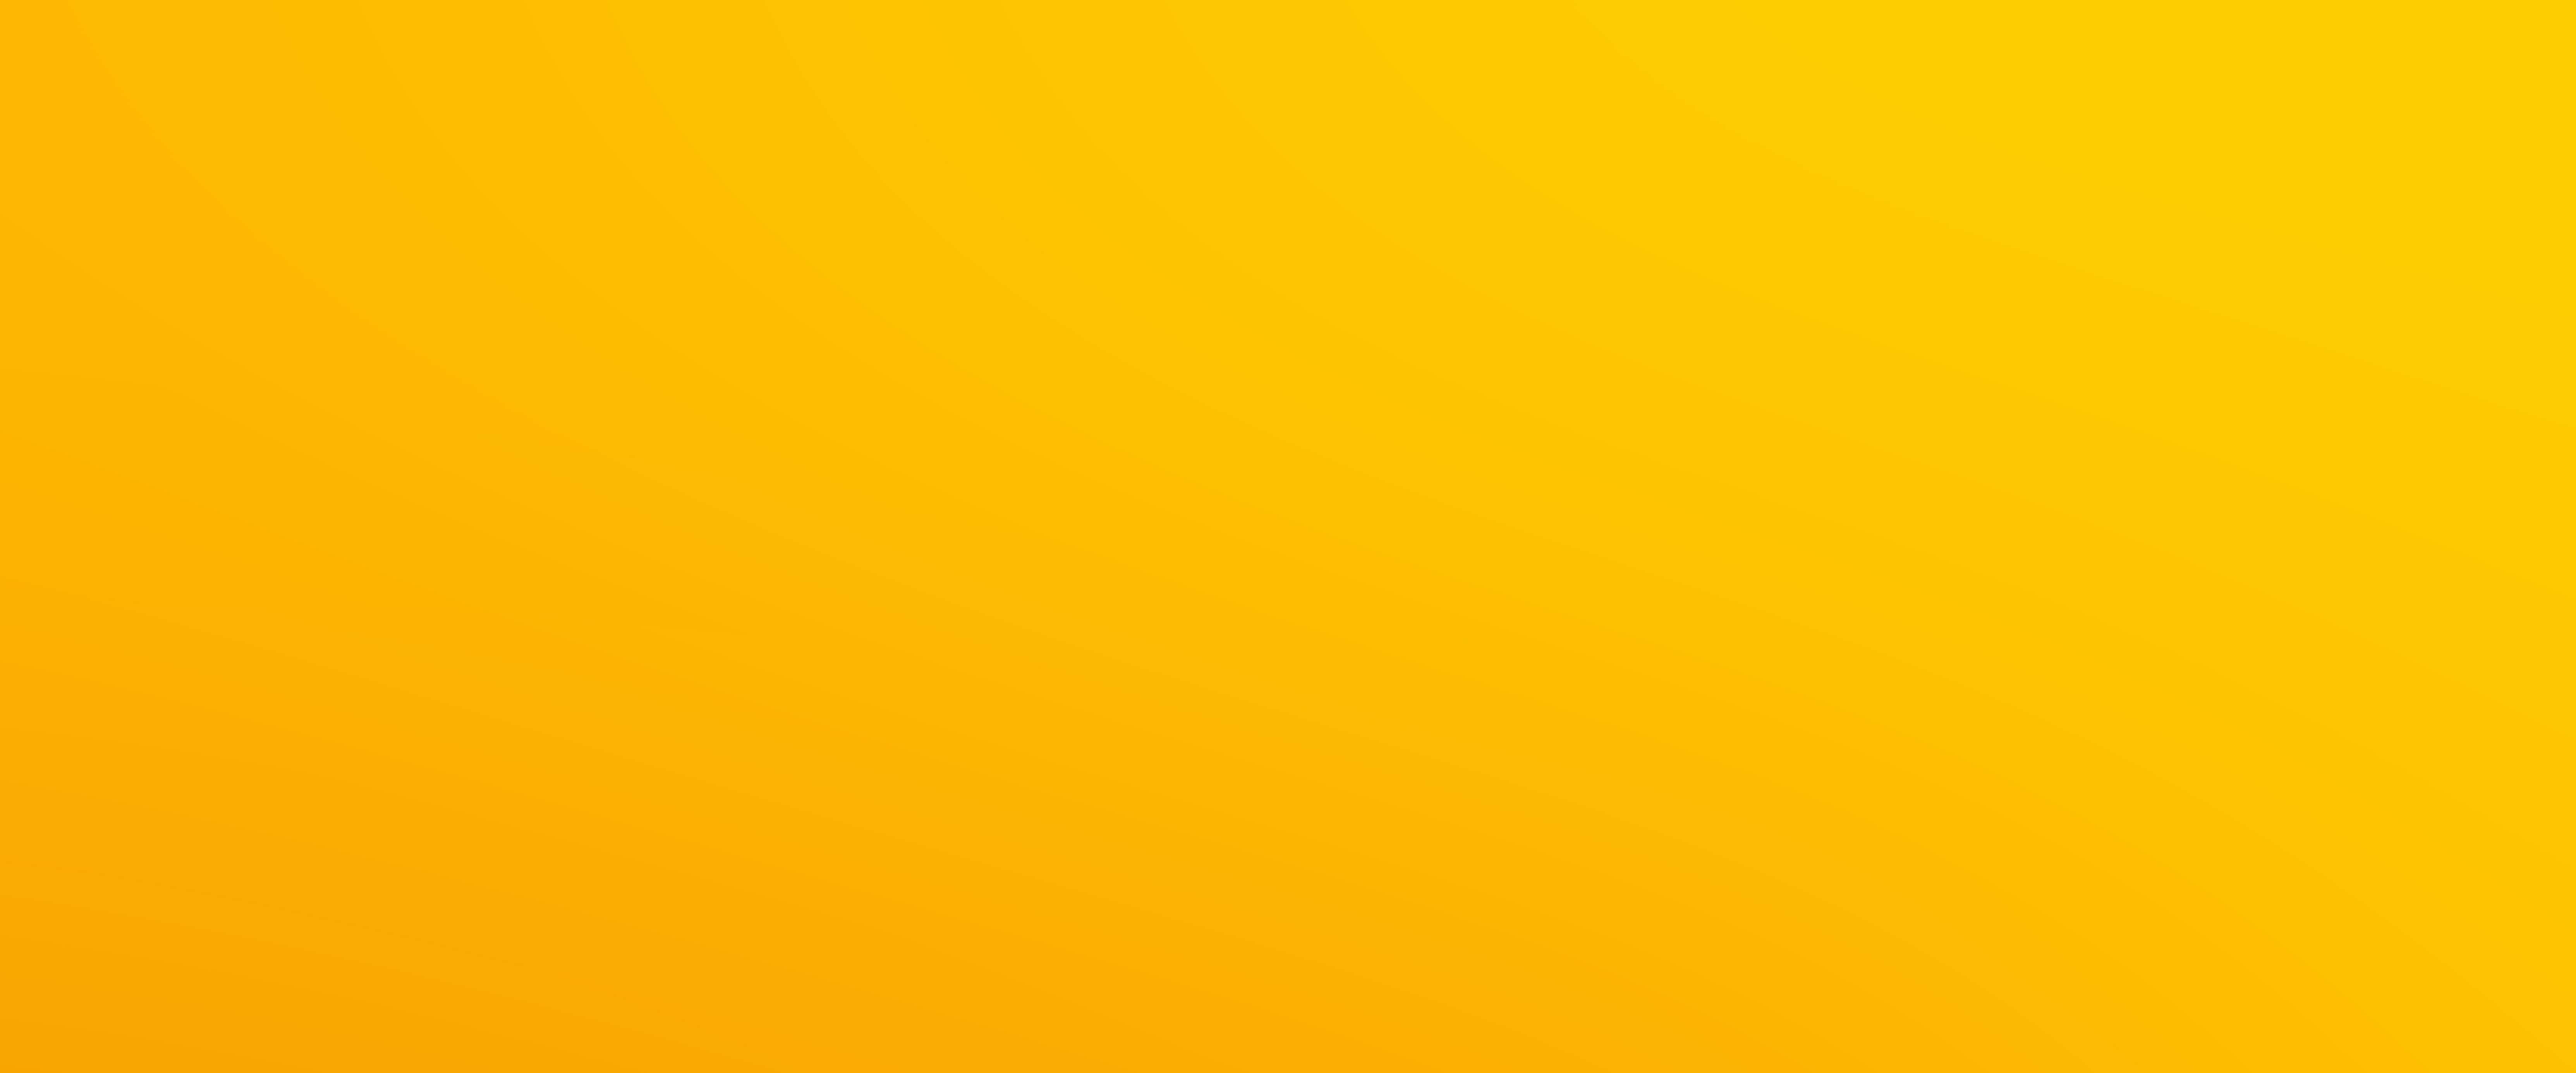 Hintergrund-gelb_1920x800_190326